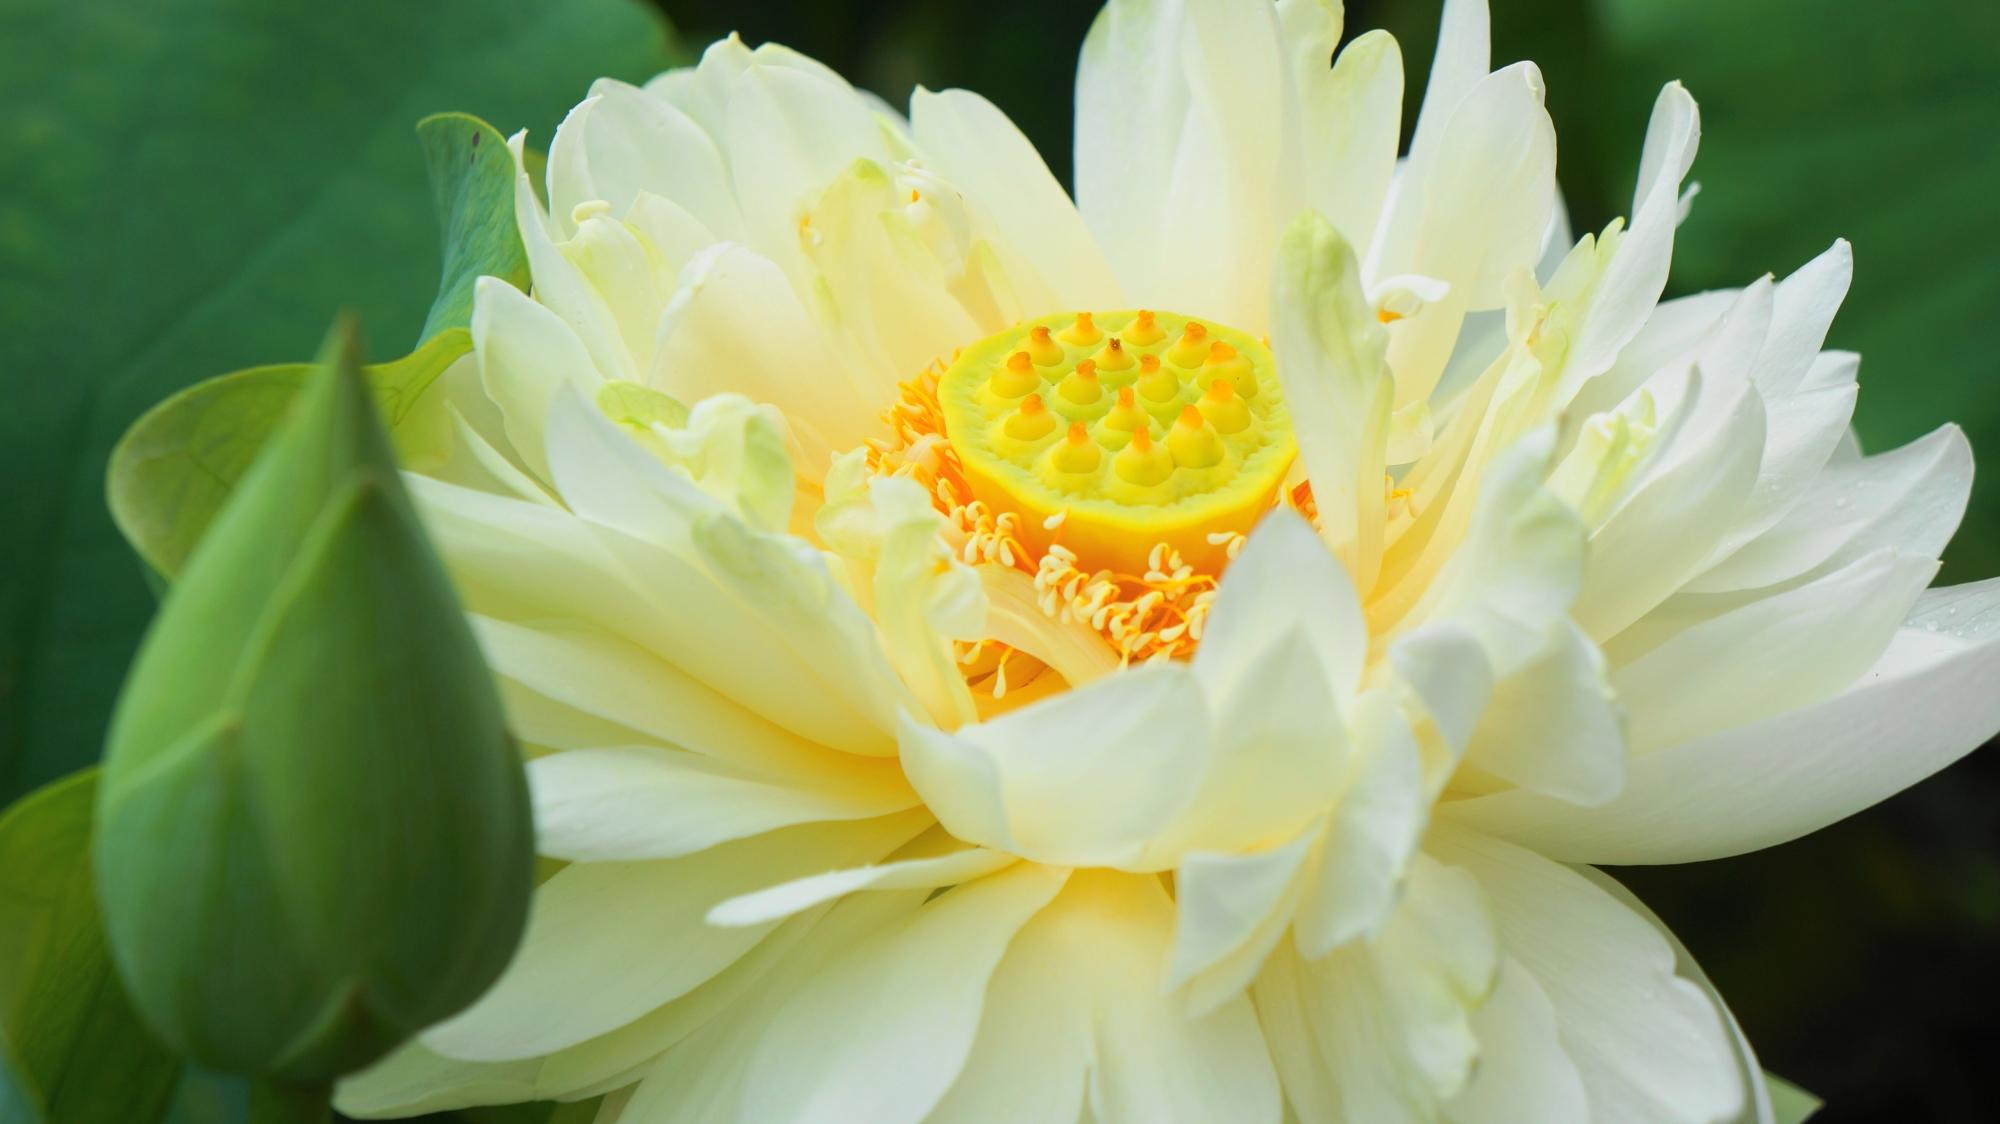 白い花びらが溢れ出す法金剛院の満開の蓮の花